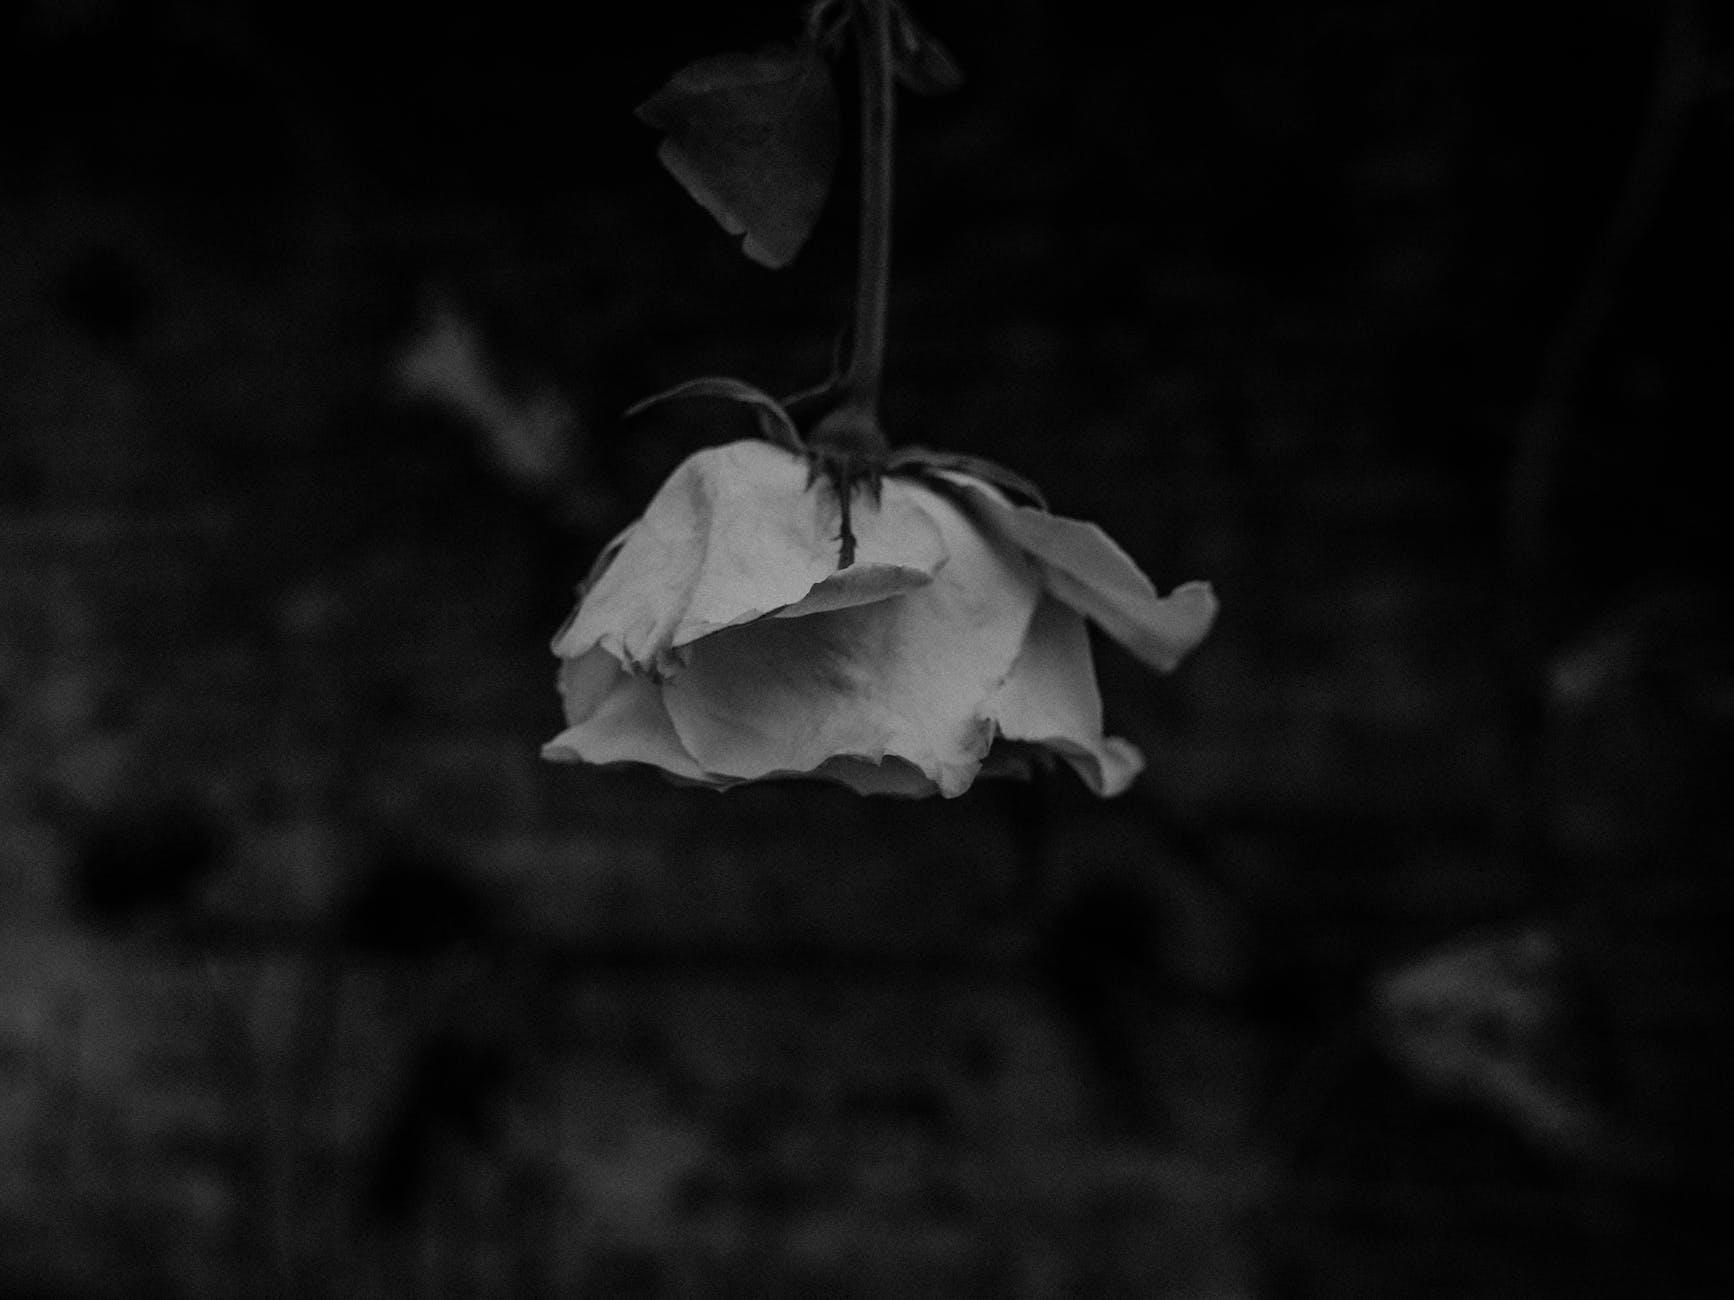 gambar bunga mawar hitam wallpaper